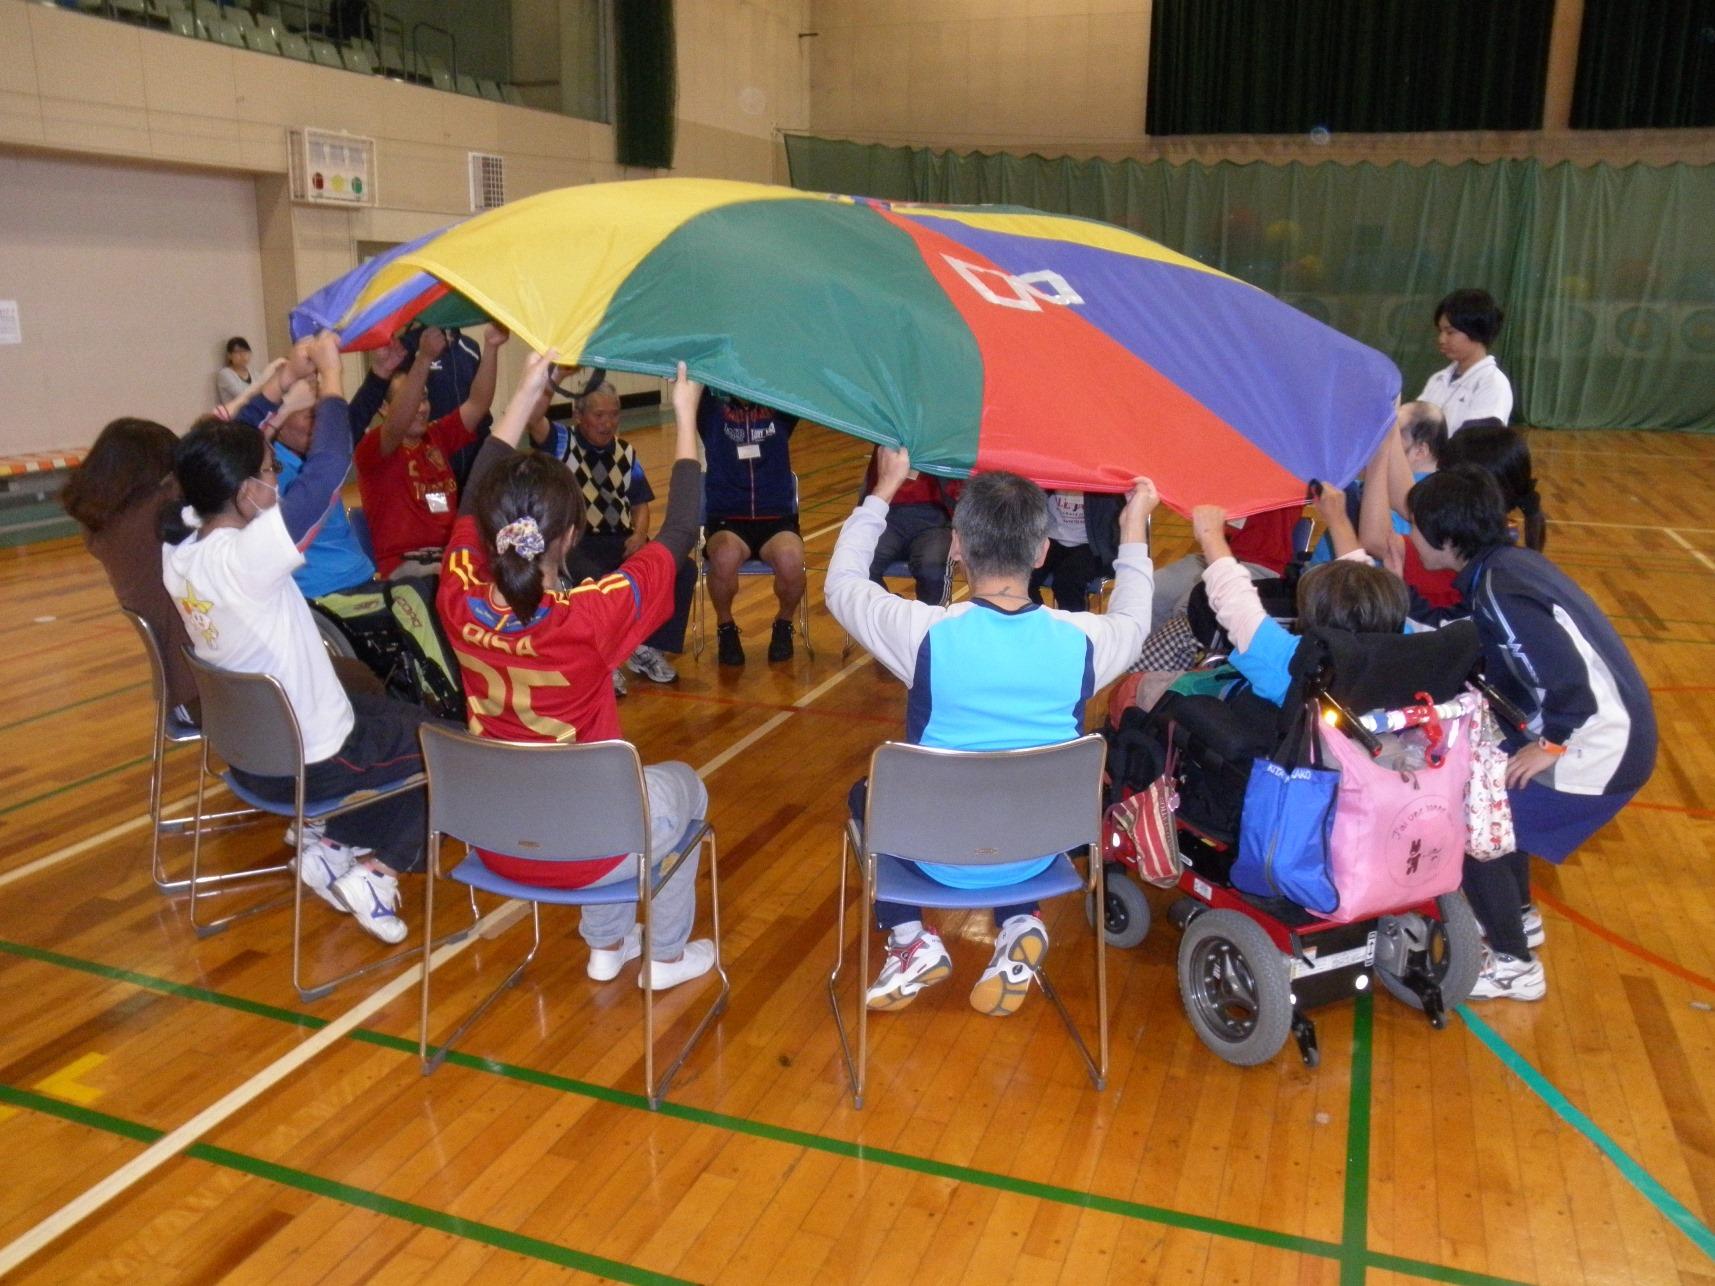 3new - 「スポーツボランティア入門講習会」より